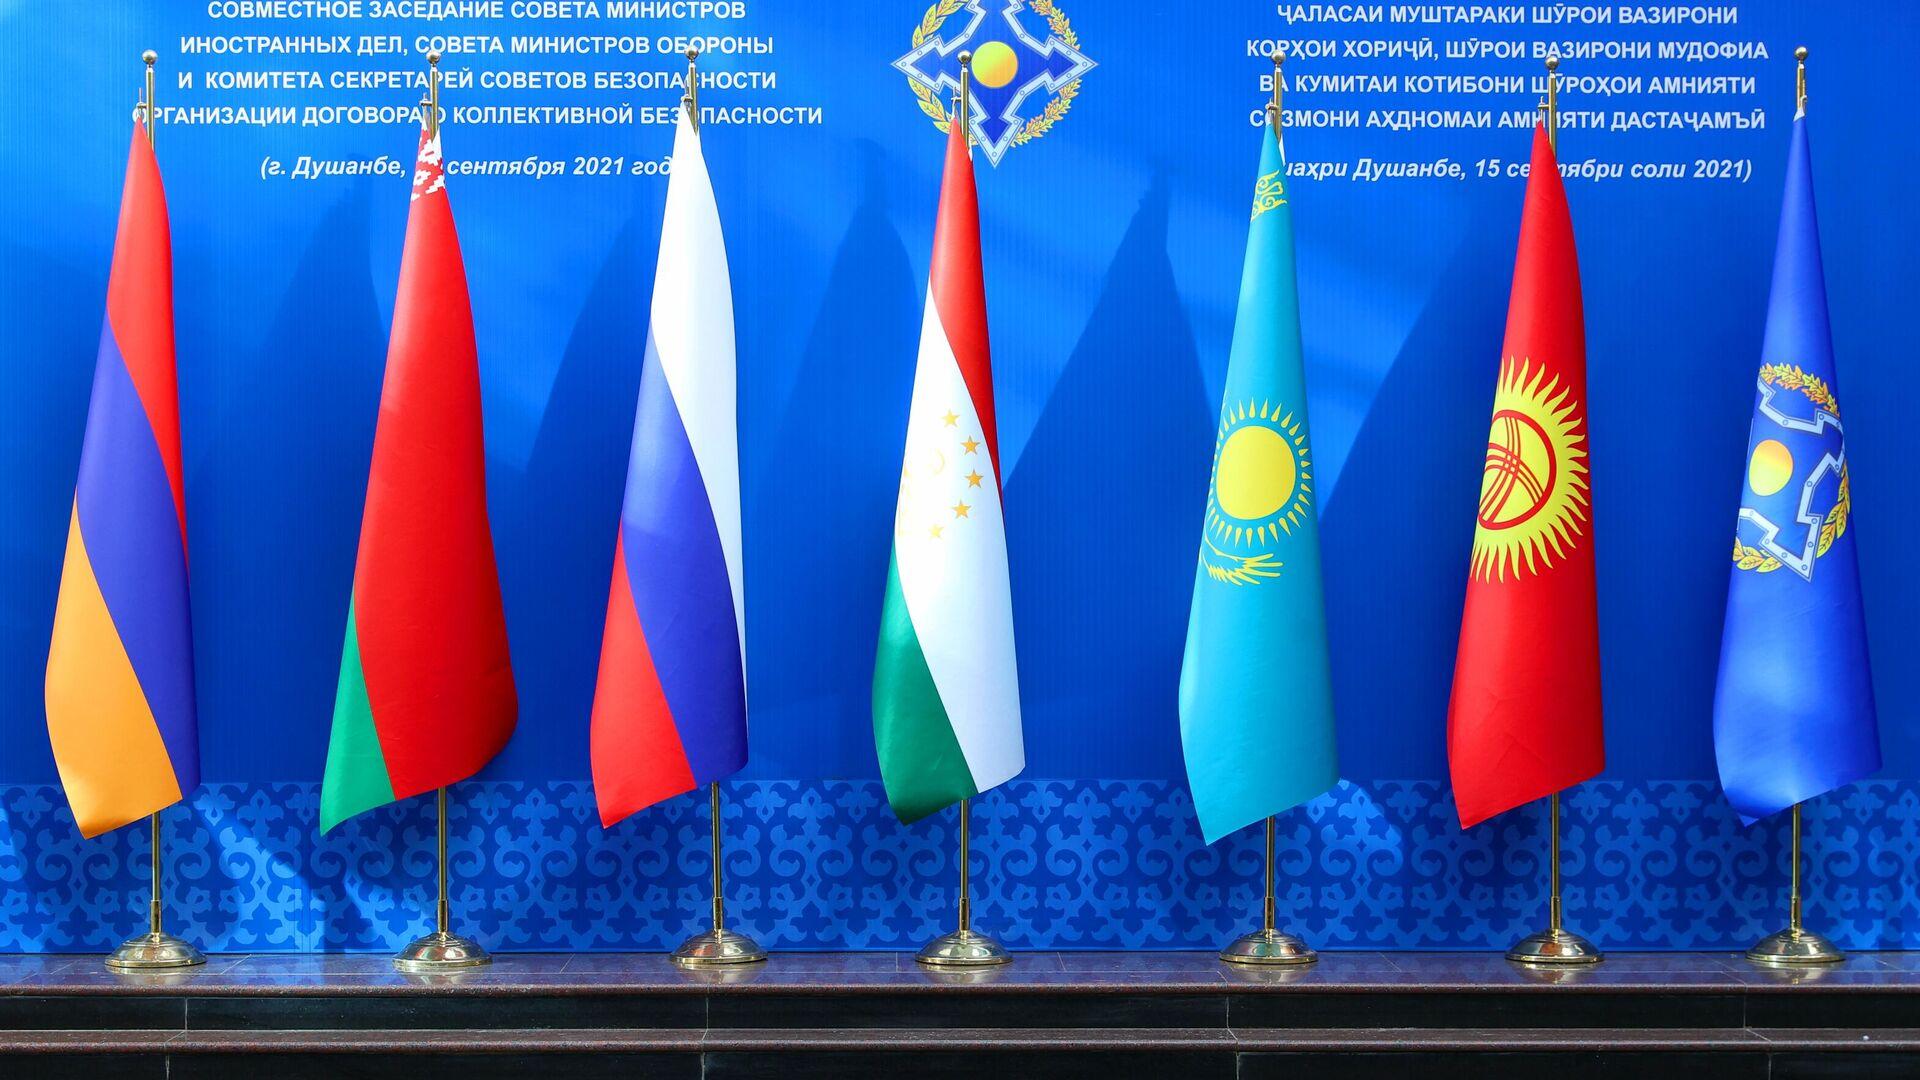 Флаги стран участниц совместного заседания министров иностранных дел, министров обороны и секретарей совбезов ОДКБ в Душанбе - РИА Новости, 1920, 18.09.2021